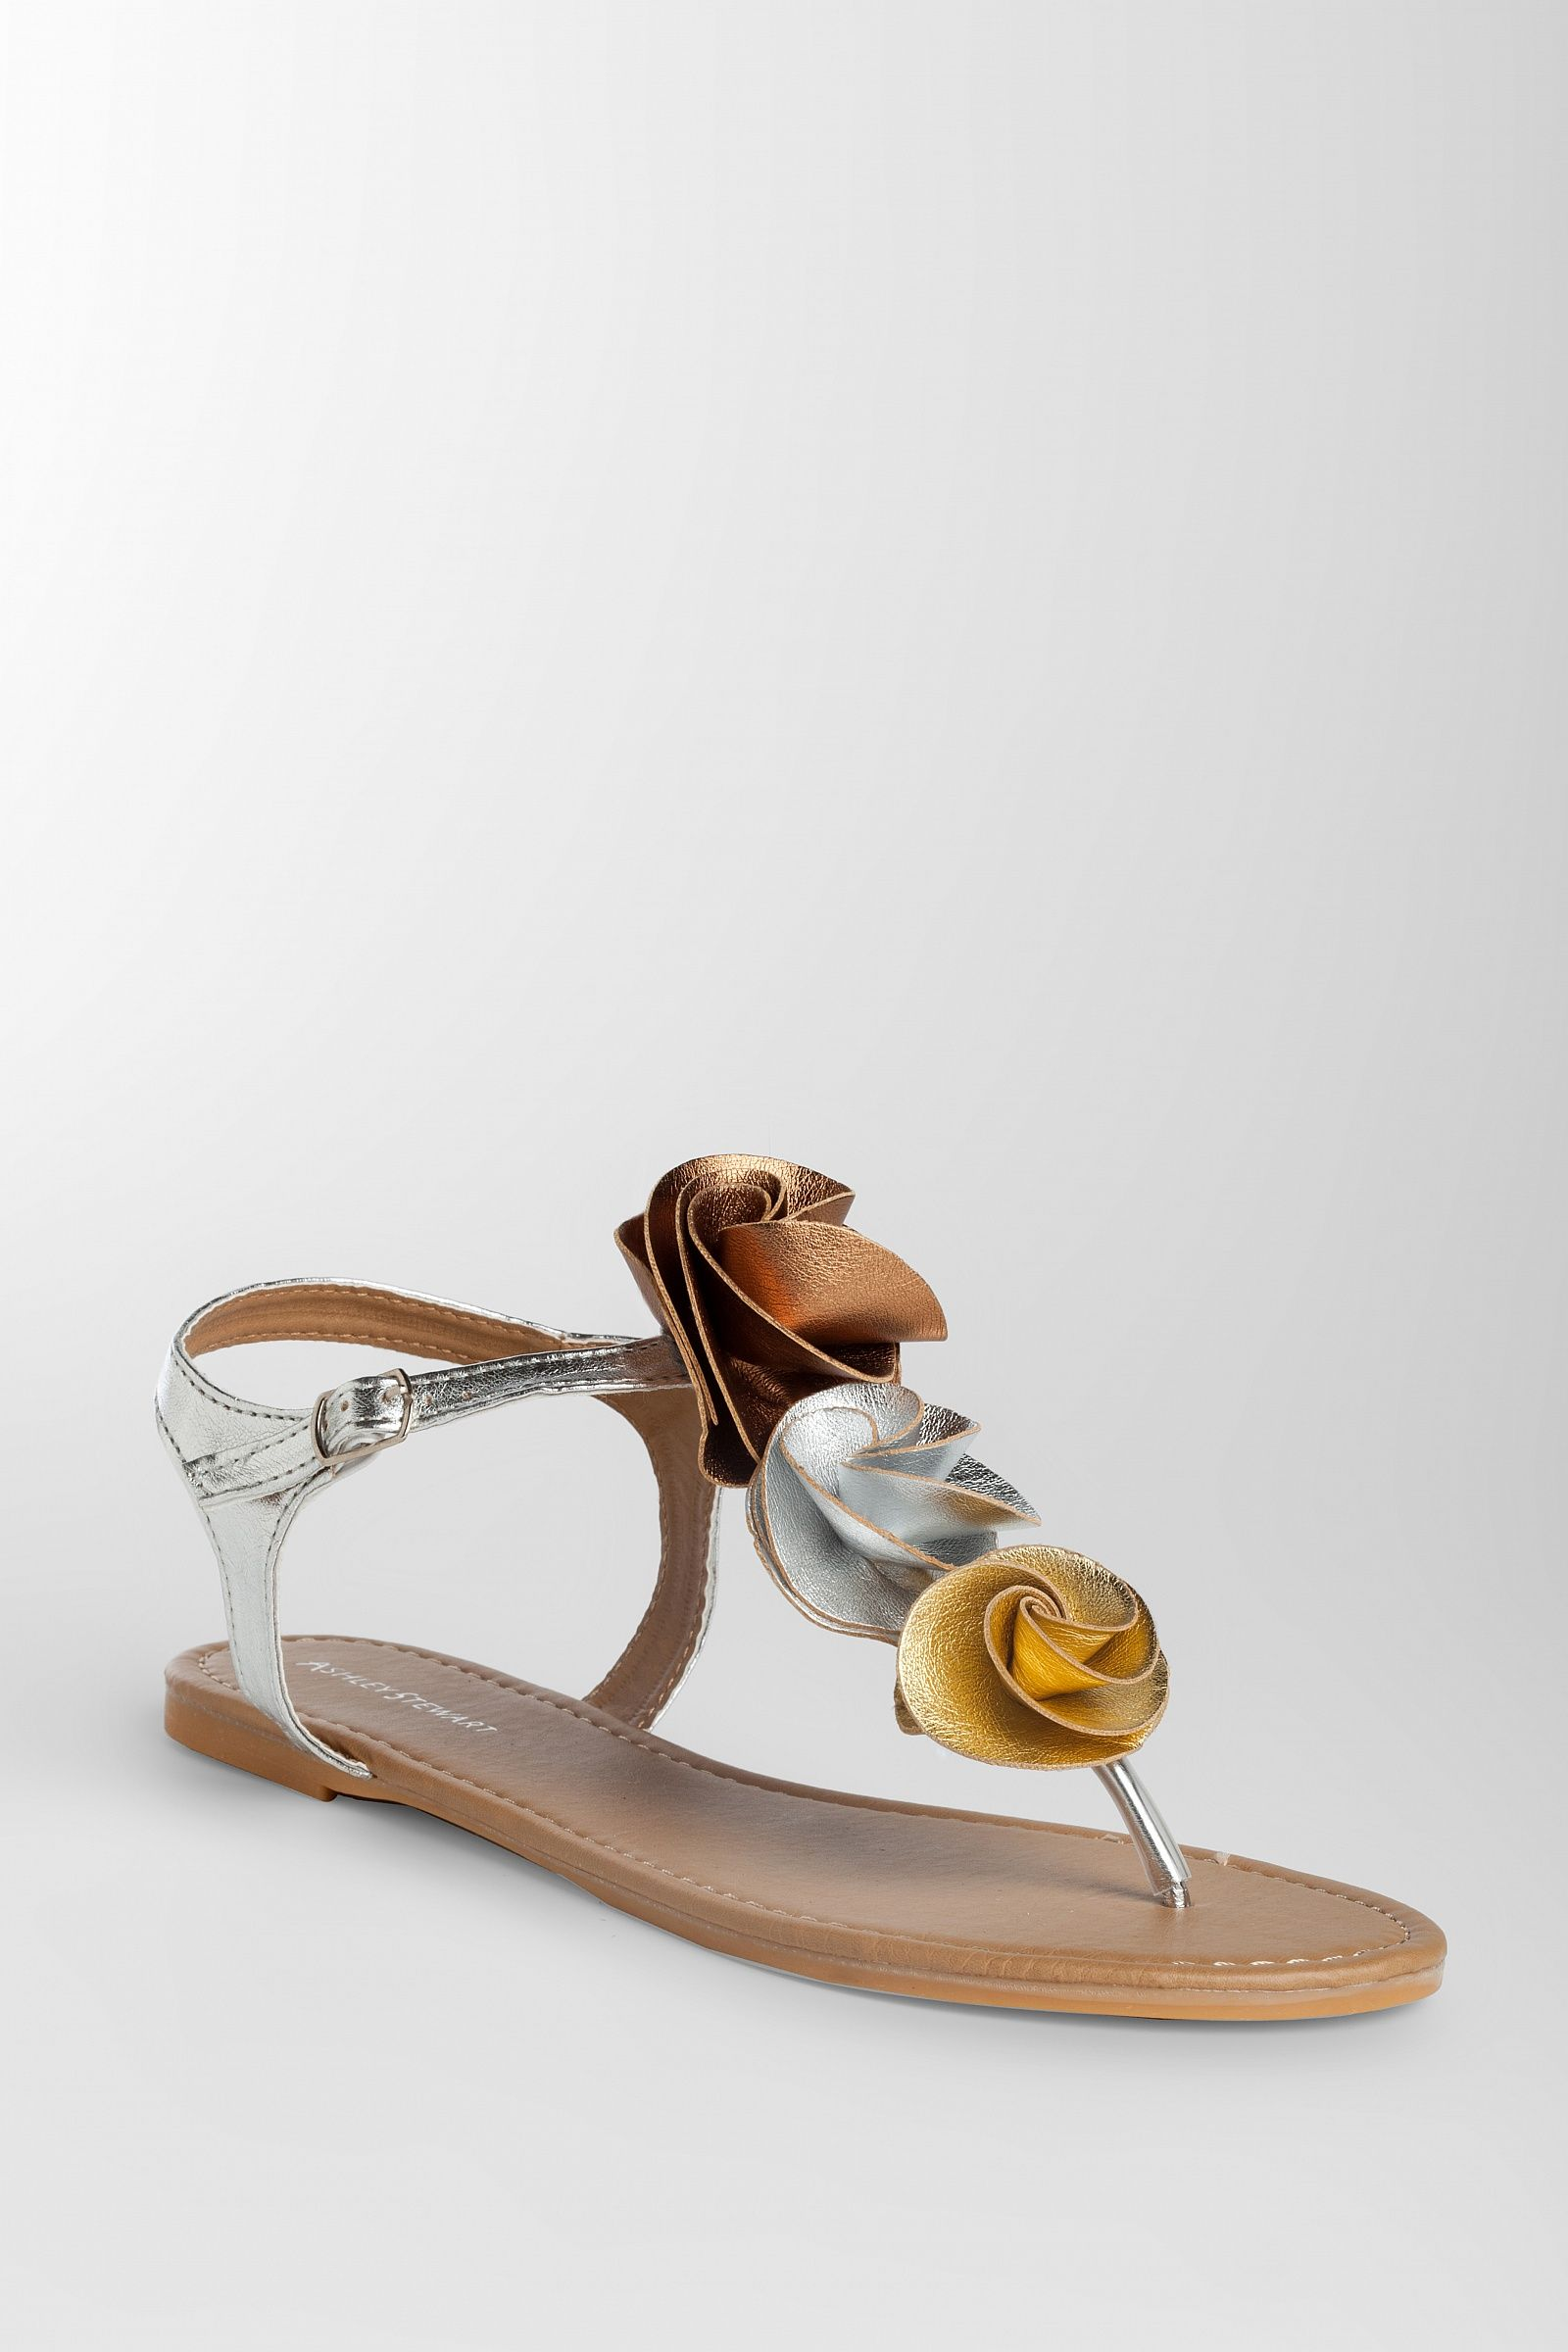 a7596faf5b6 Ashley Stewart  Wide Width Flower Thong Sandal